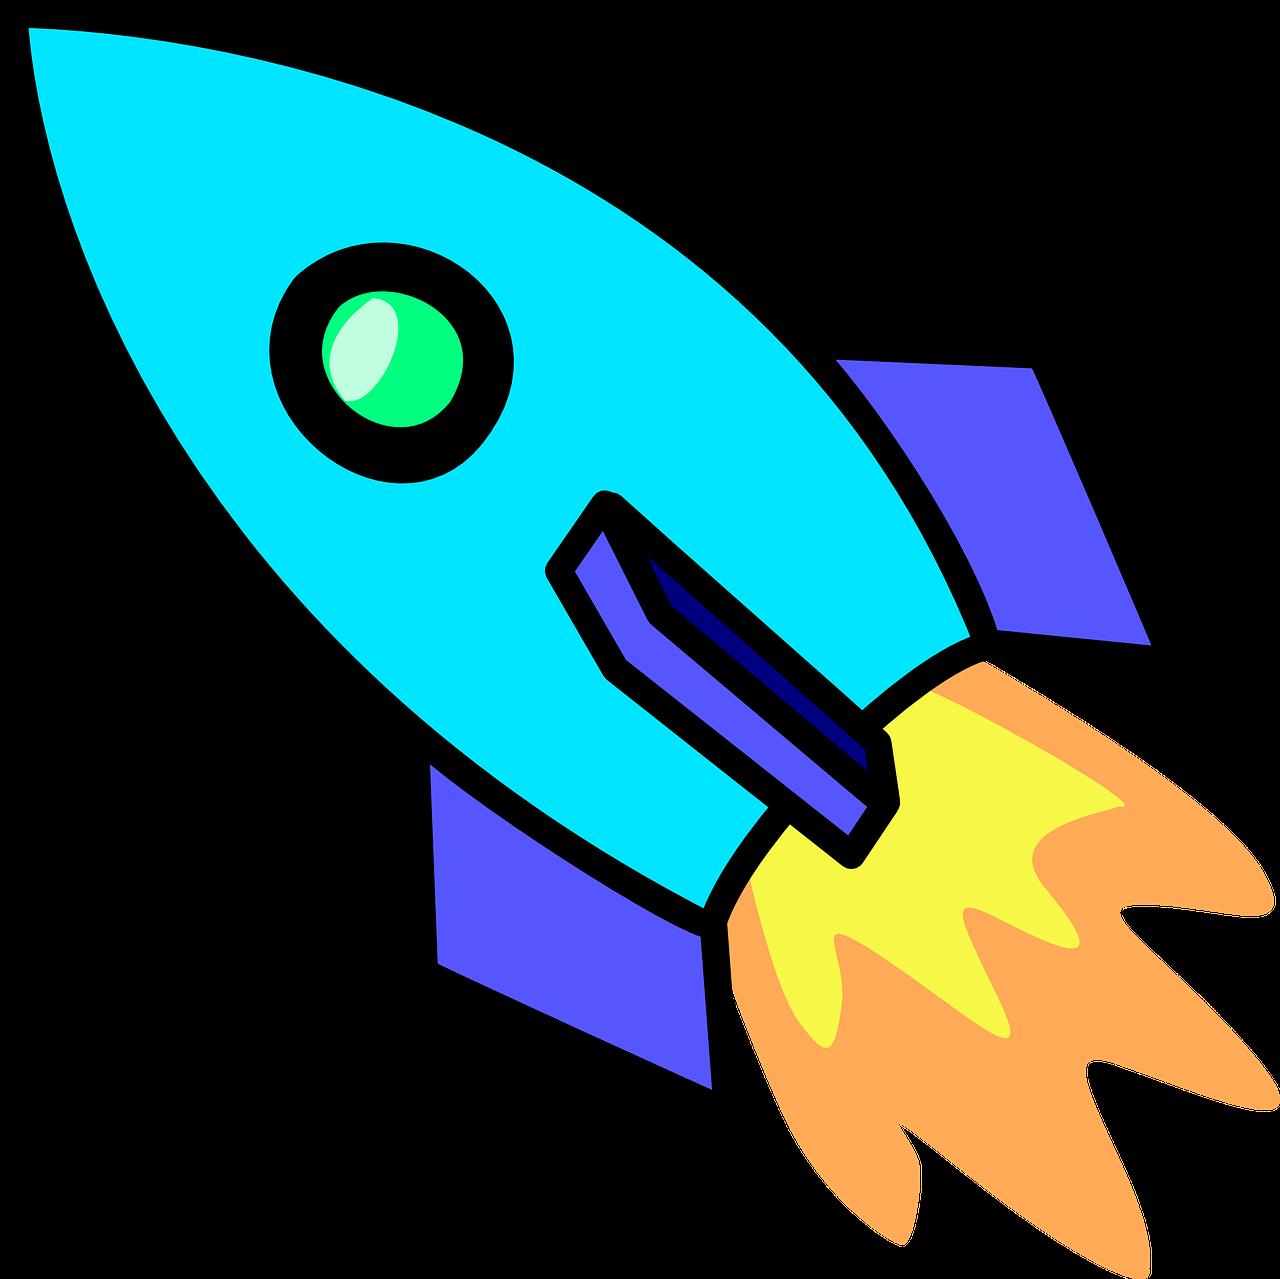 travel rocket propulsion spaceship engine technol travel rocket propulsion  [ 1280 x 1279 Pixel ]